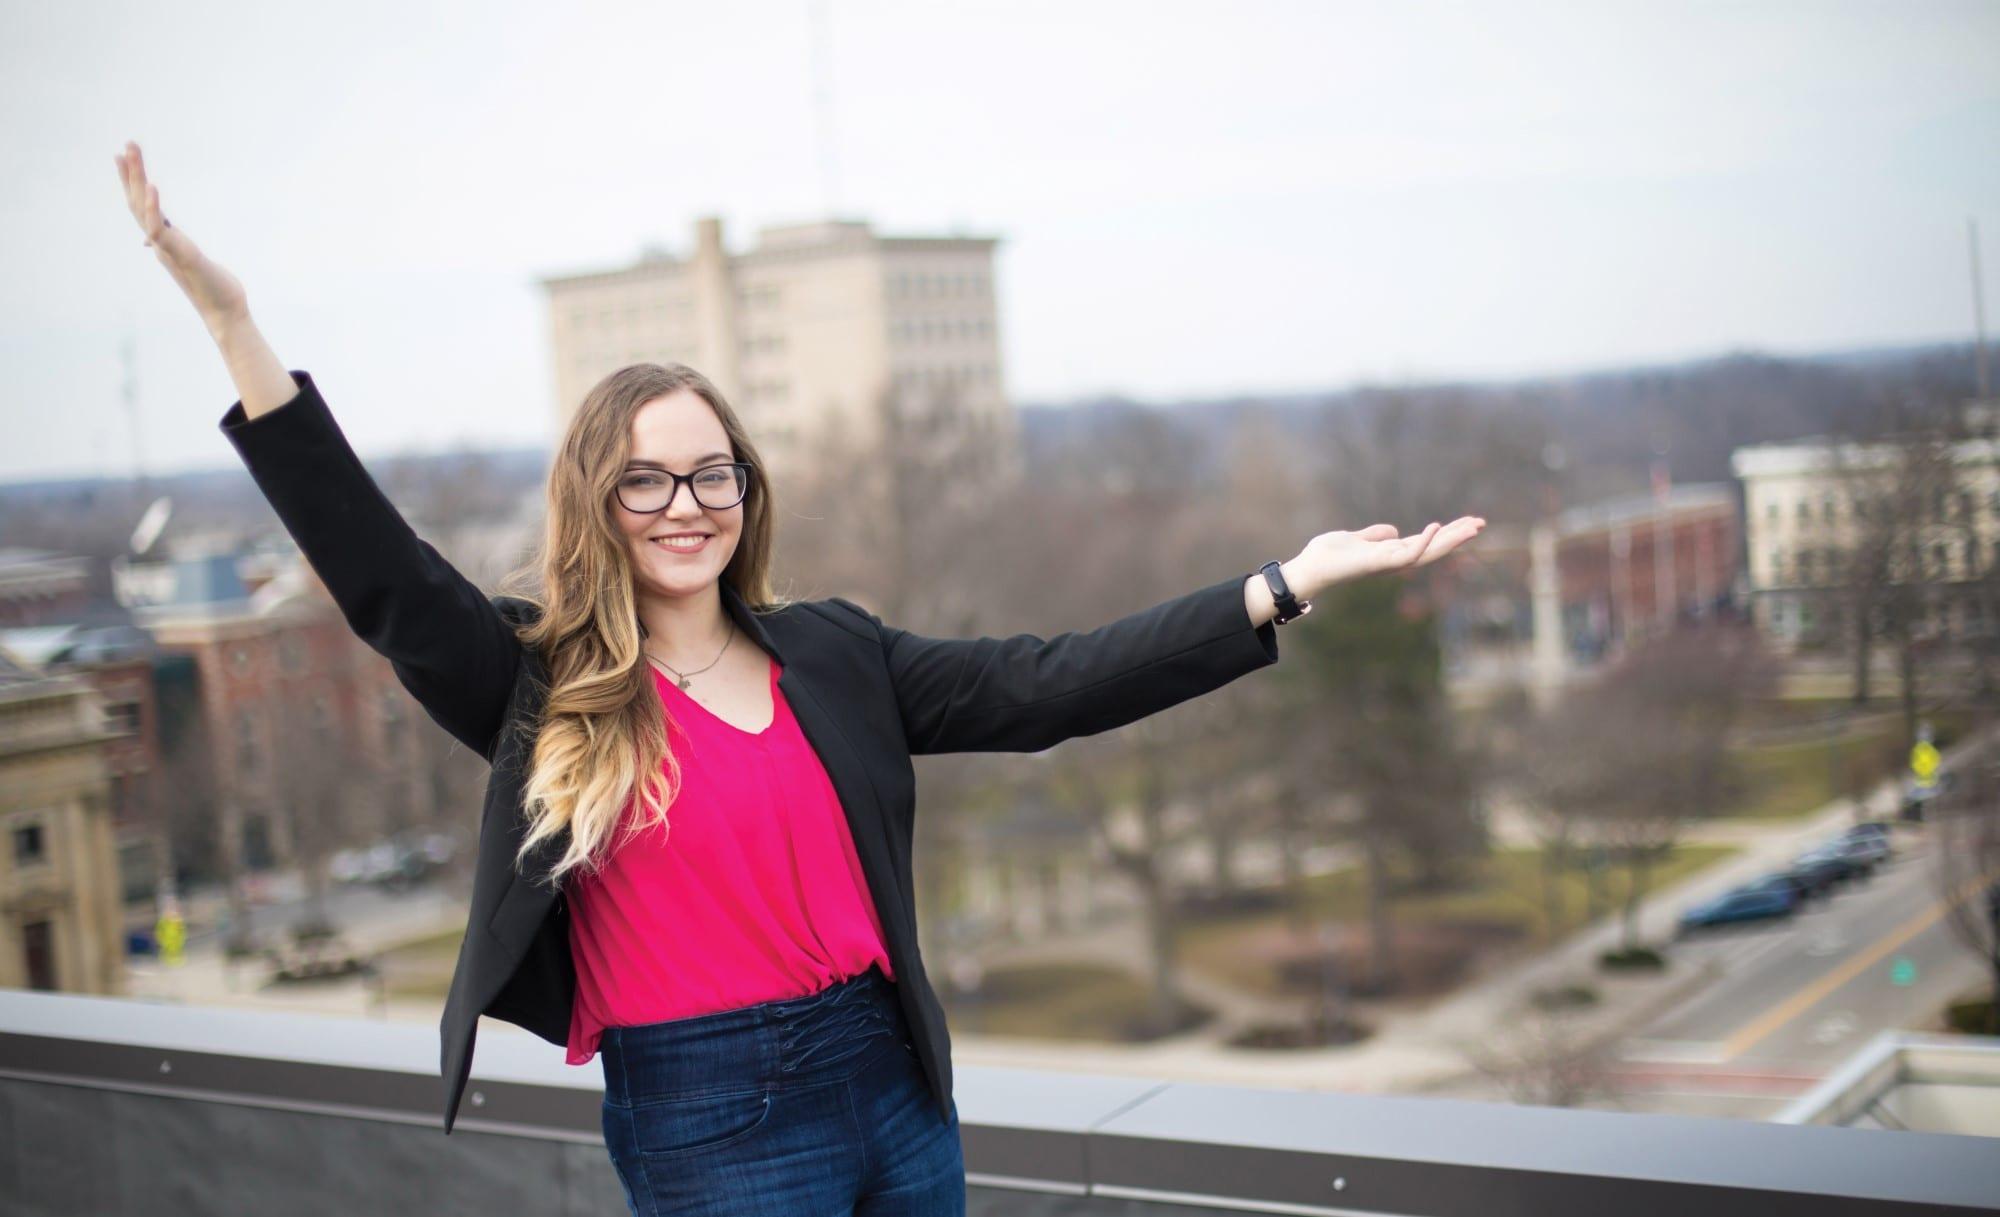 Alex Moen on top of building overlooking city